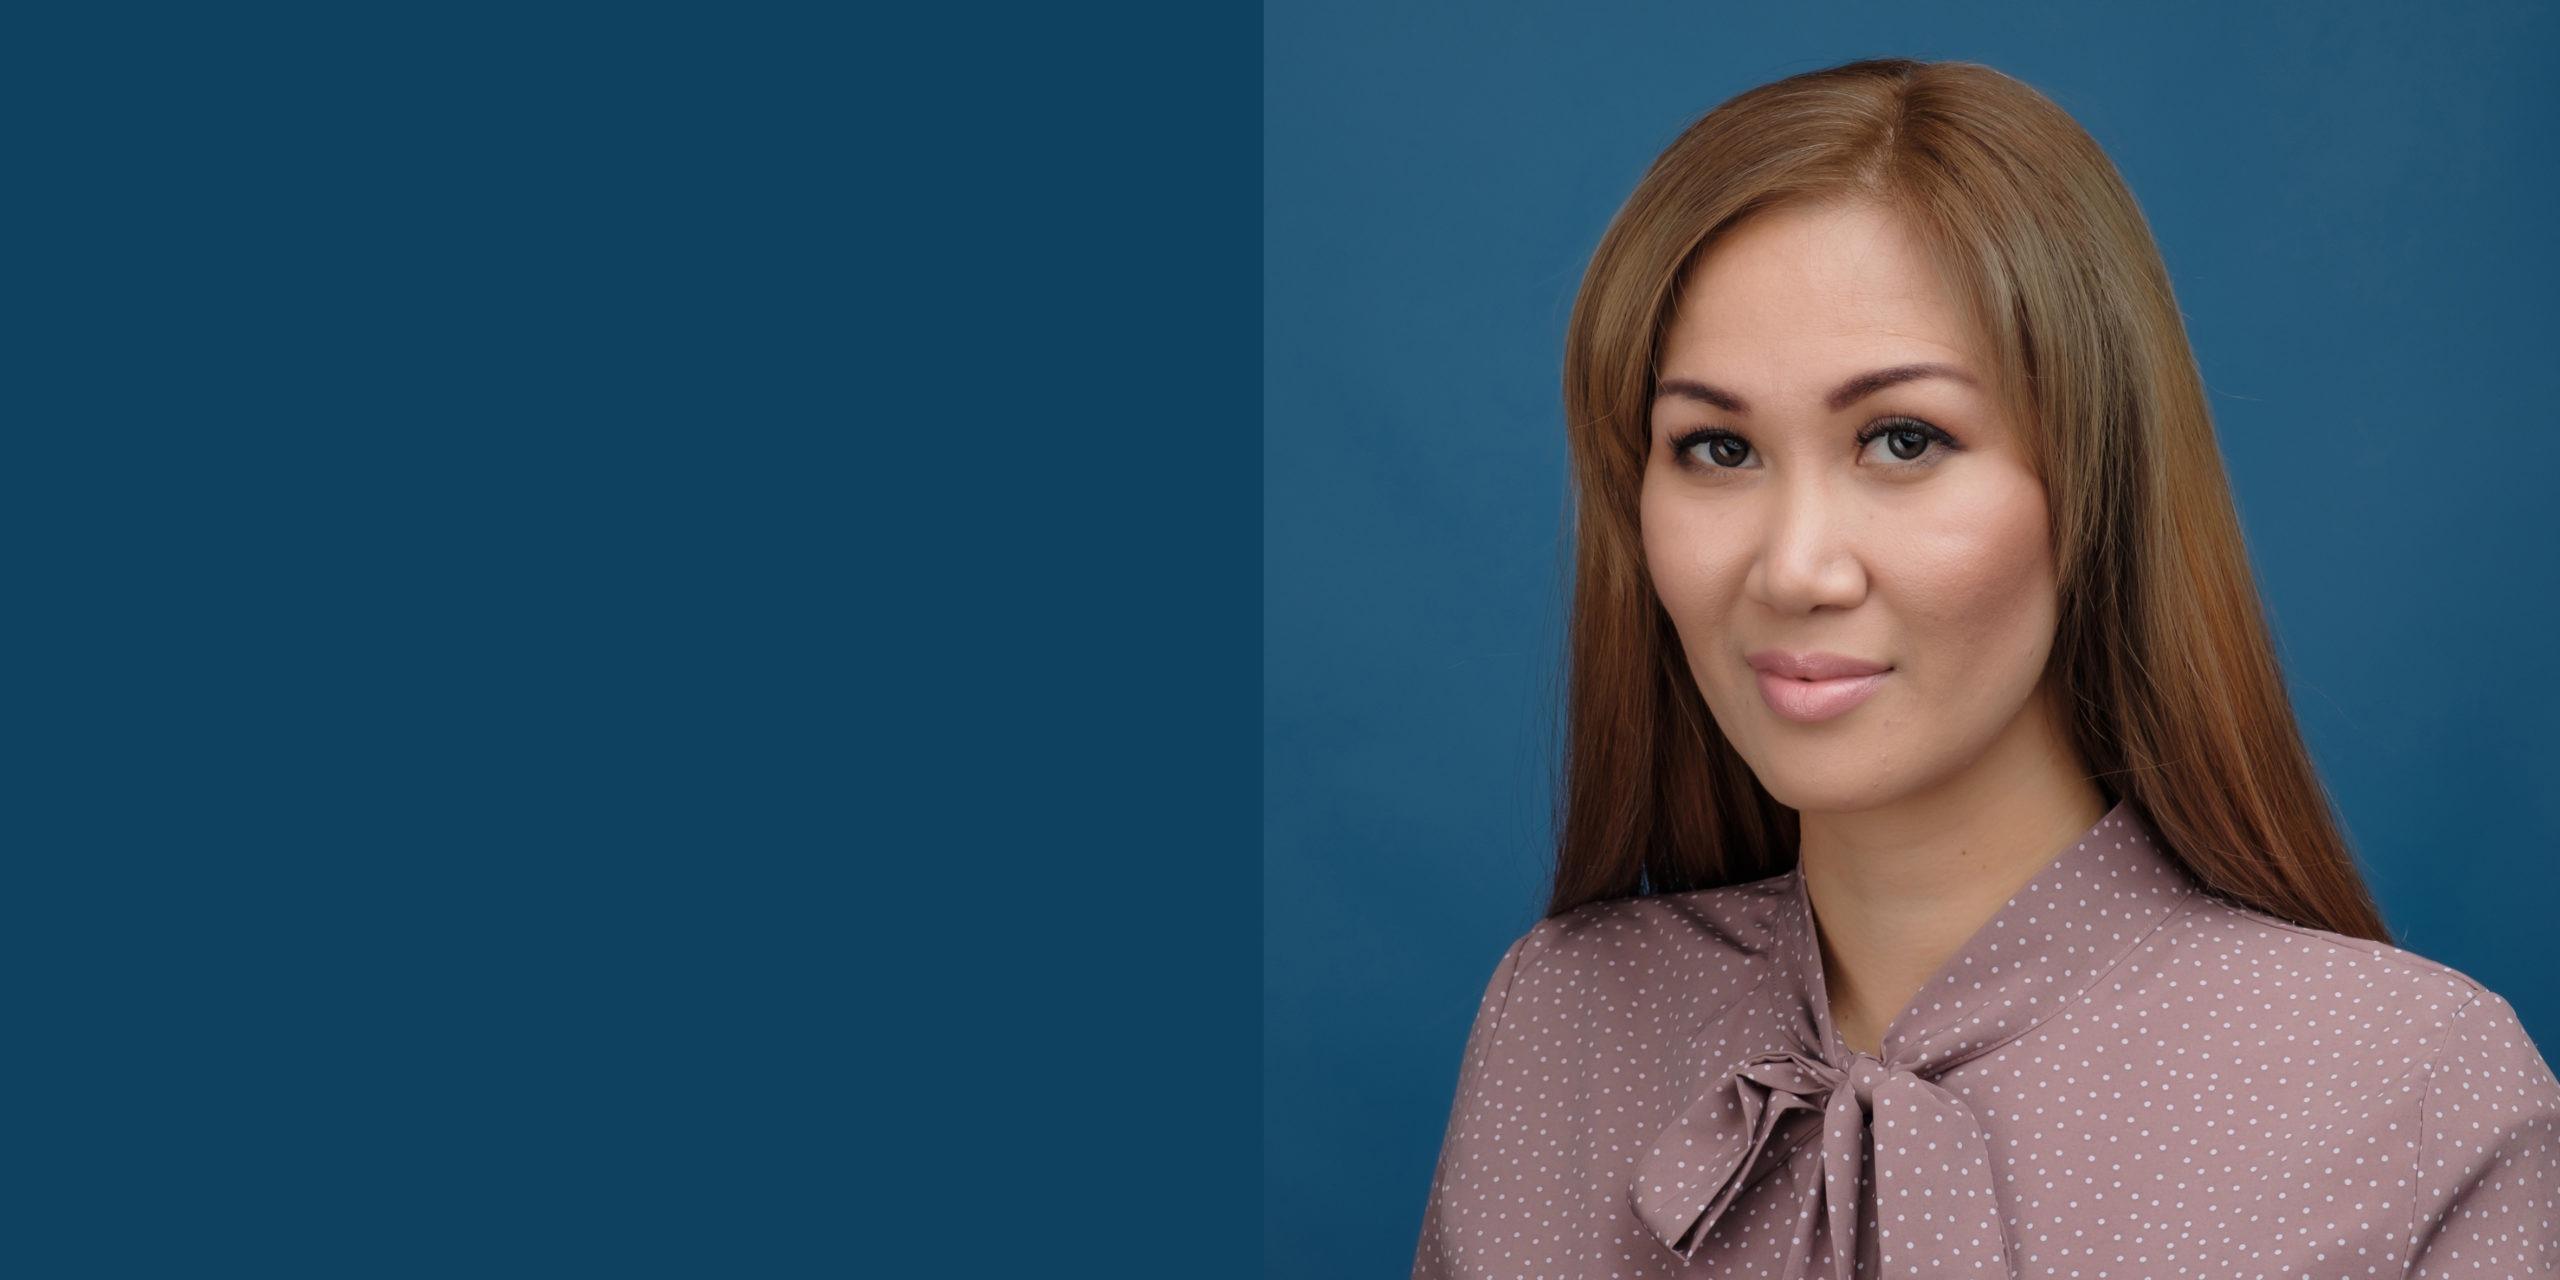 Елена Таушанова, начальник отдела организационного и правового обеспечения центра Эмпатия